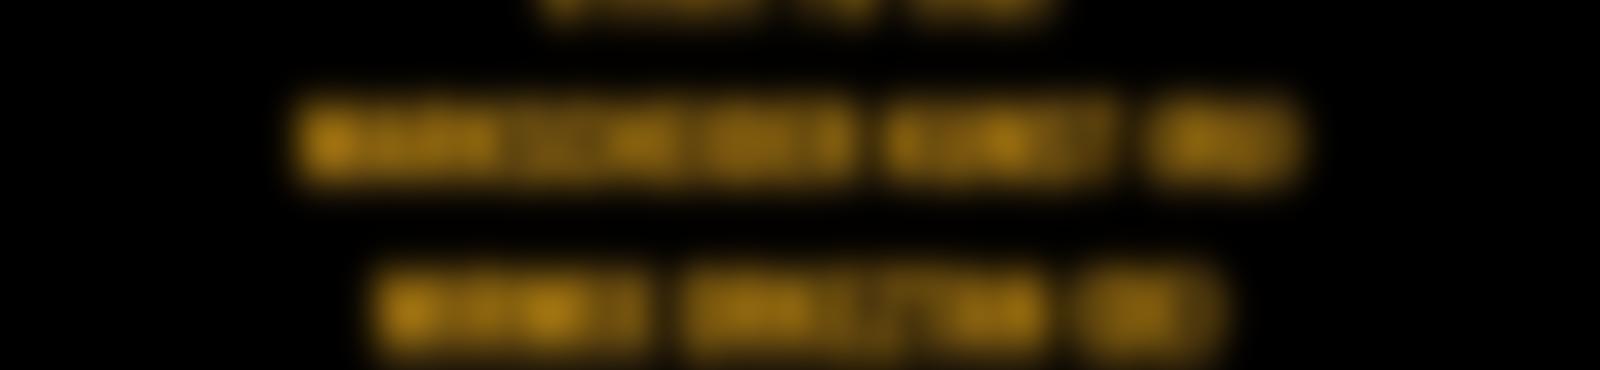 Blurred 9f7b400a 0343 4aba b88b 911d71a723db